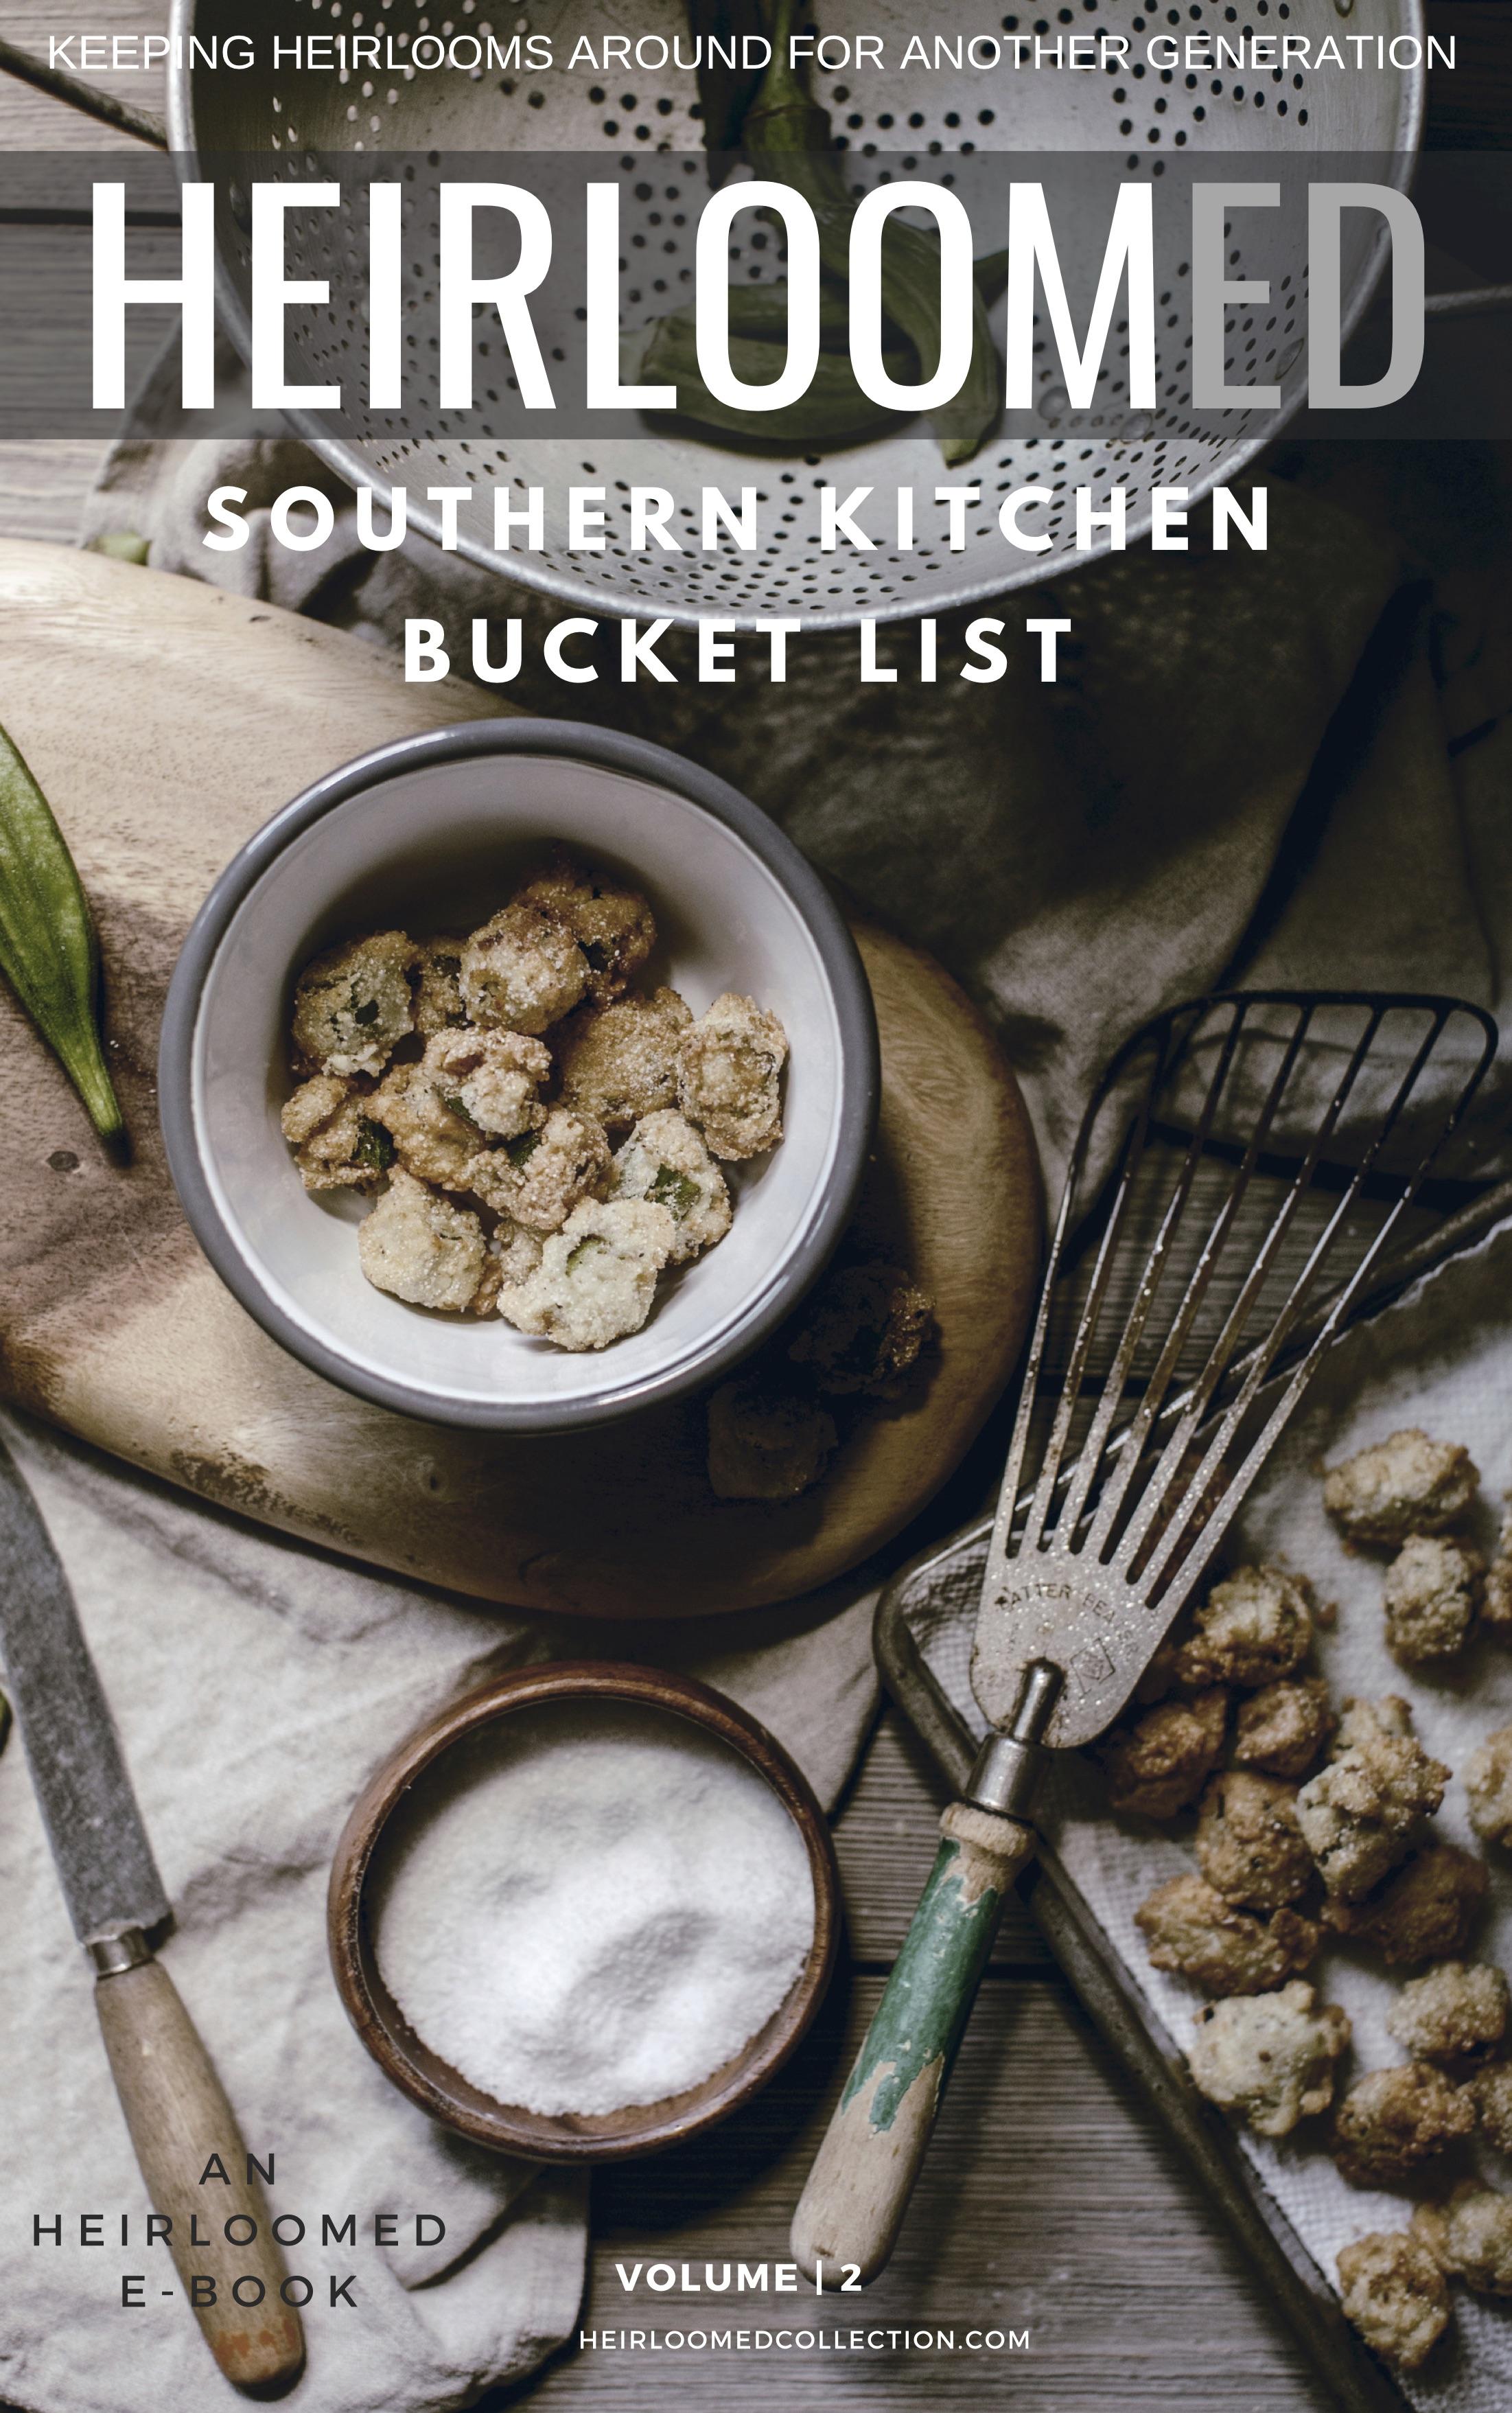 SOUTHERN KITCHEN BUCKET LIST (VOLUME 2)